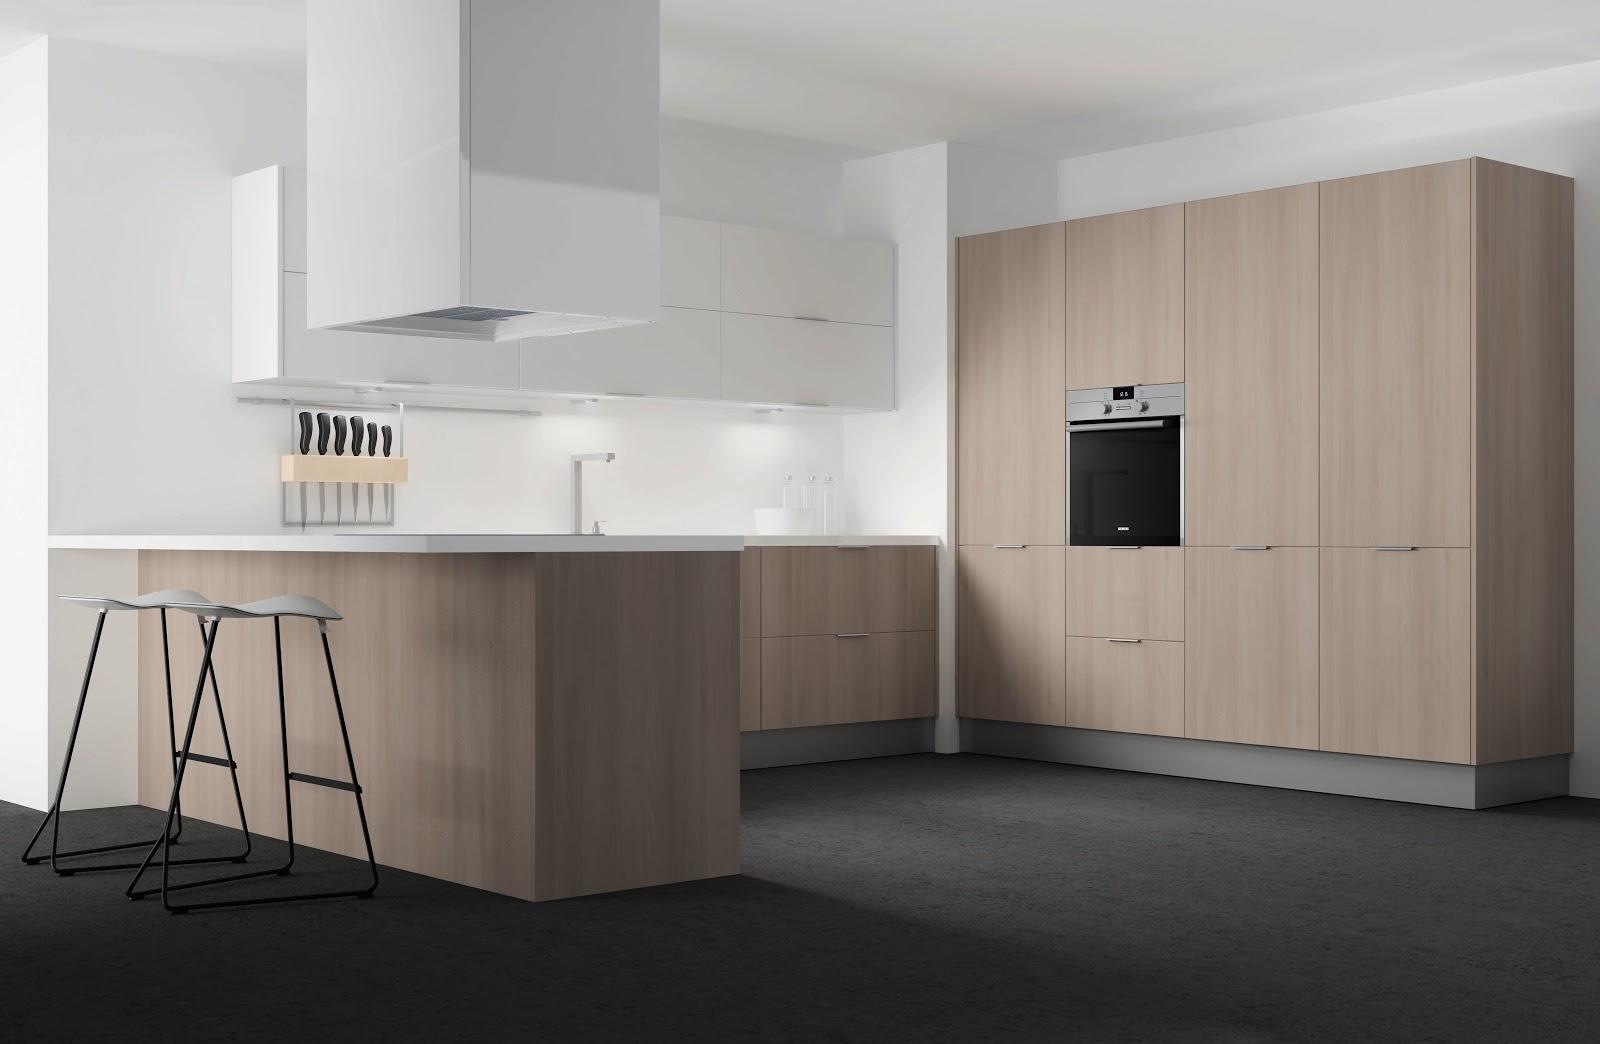 Arteclio mueble de autor for Amortiguadores para muebles de cocina